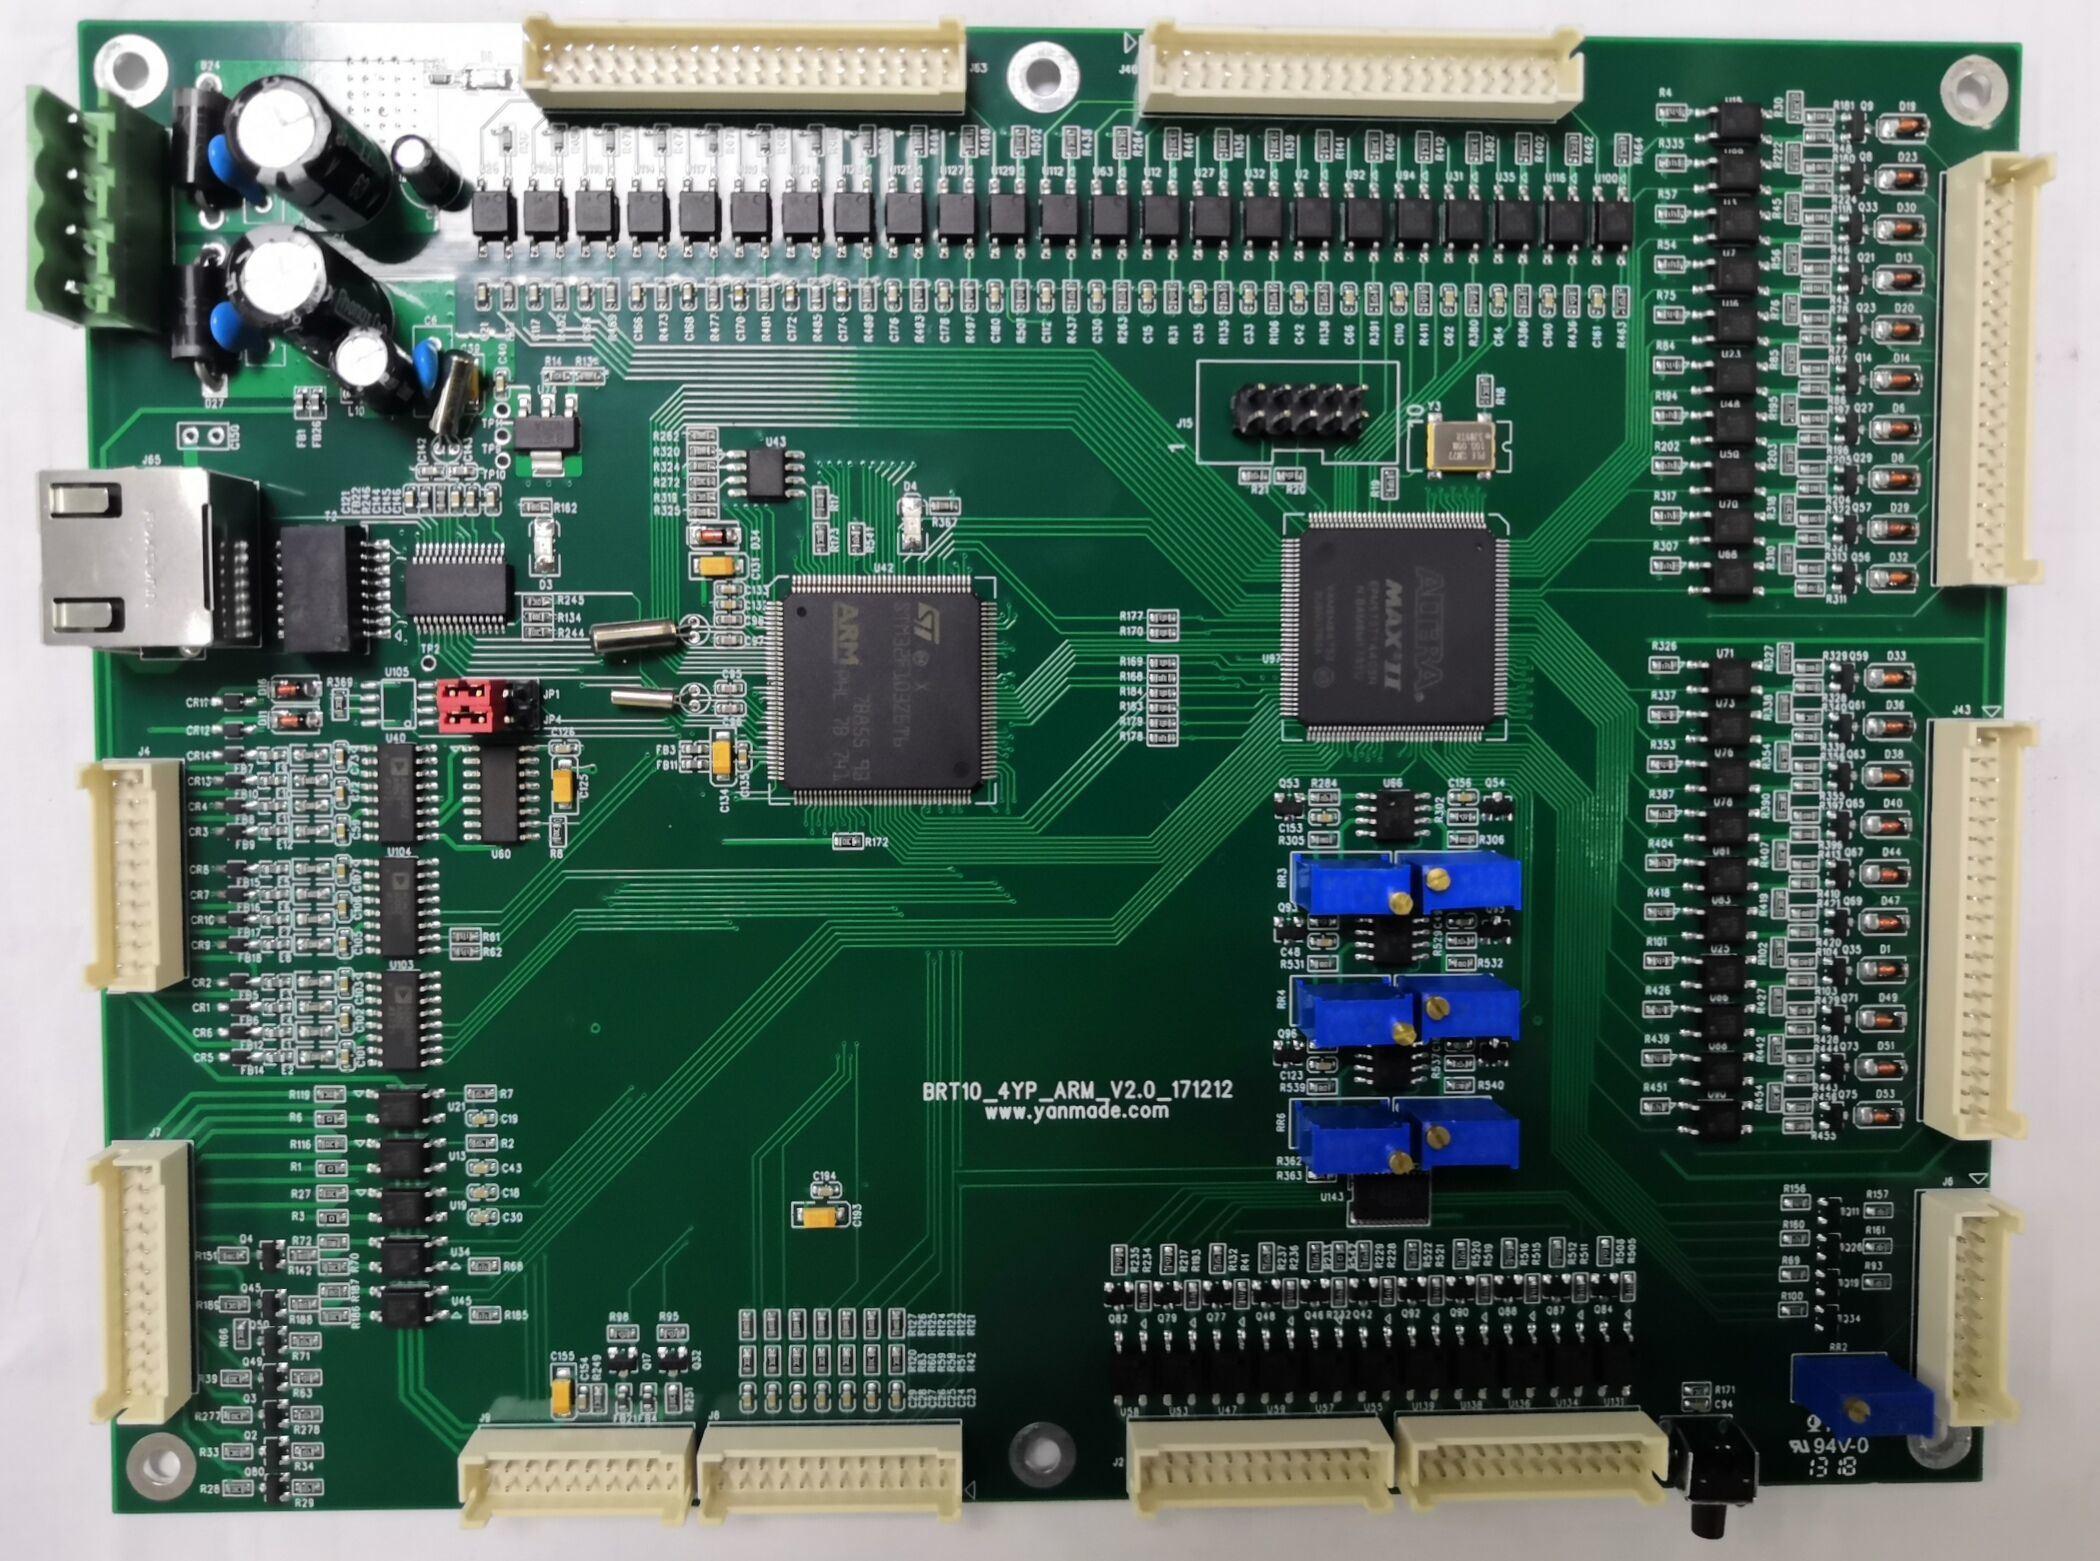 China Printed Circuit Board Pcba Smt Pcb Assembly